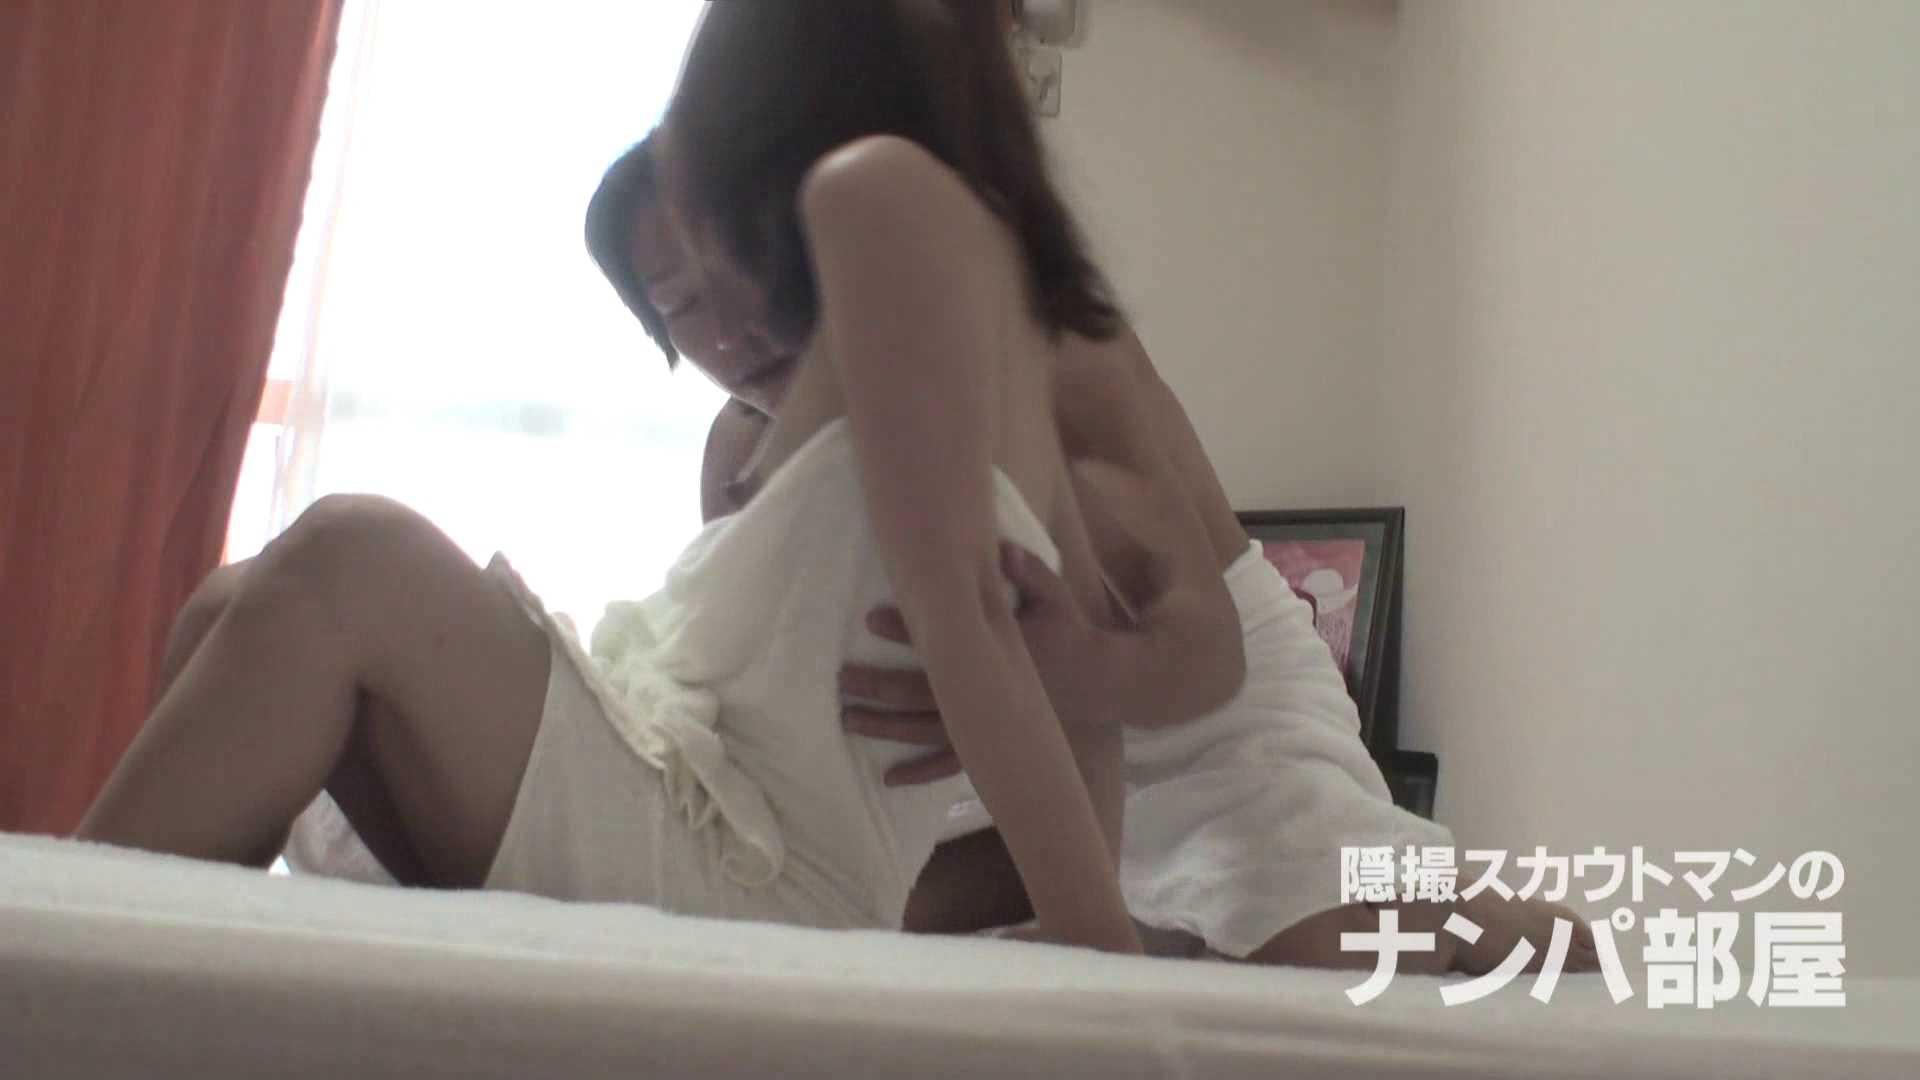 隠撮スカウトマンのナンパ部屋~風俗デビュー前のつまみ食い~ sii 隠撮 SEX無修正画像 100連発 68